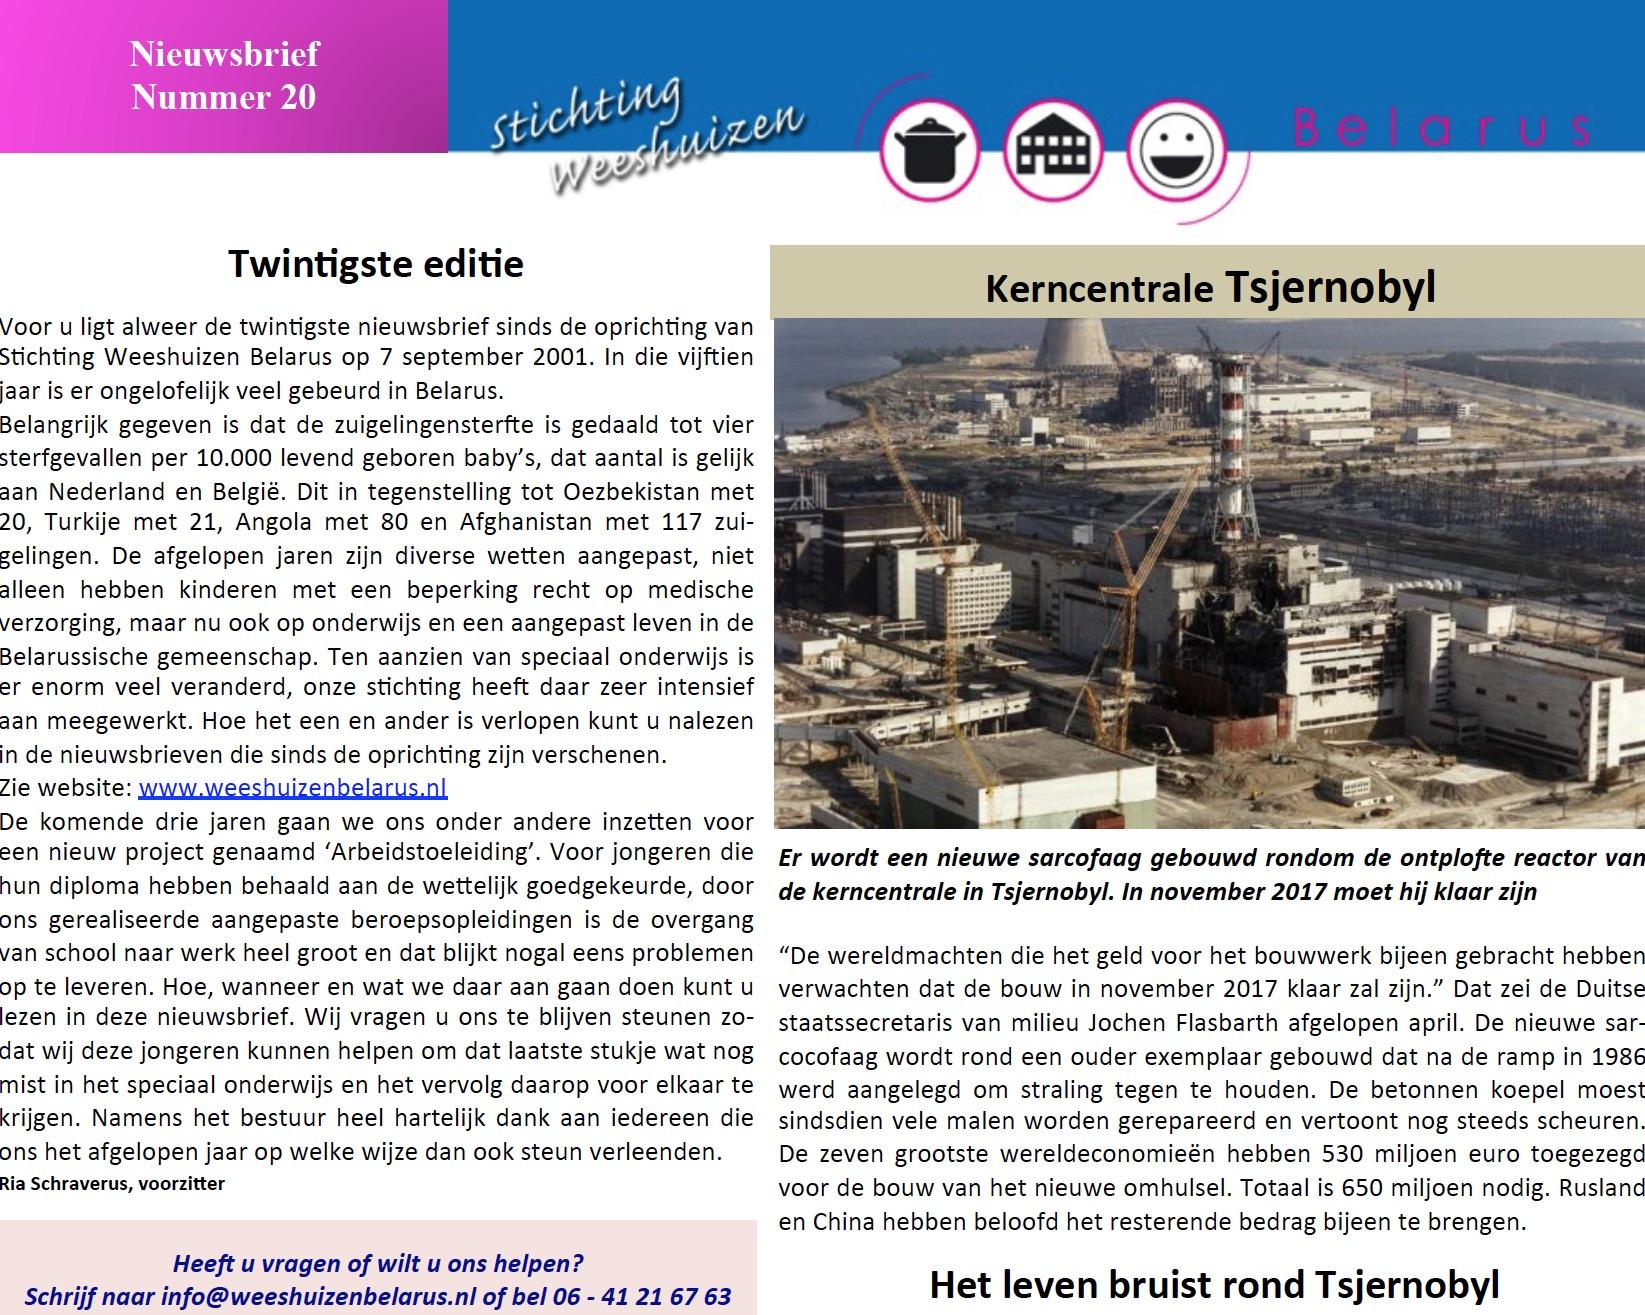 Weeshuizen-Belarus krant 2015 nr 20